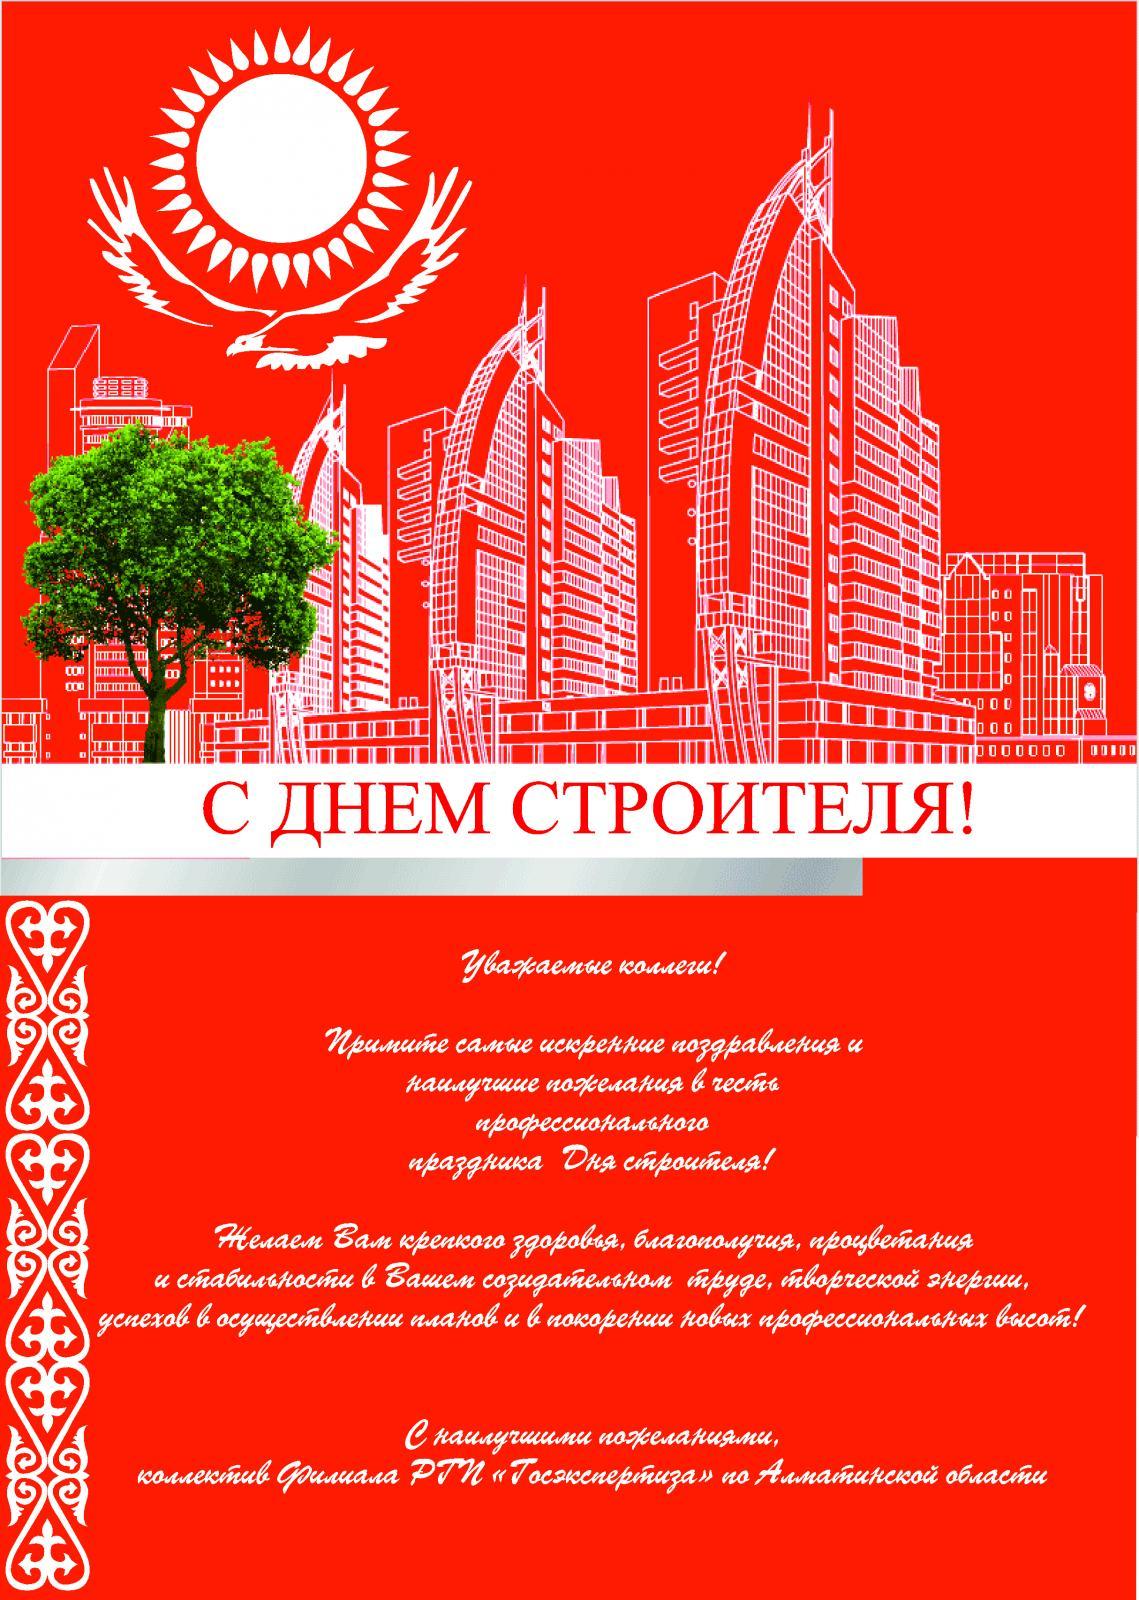 Вставить текст в открытку с днем строителя